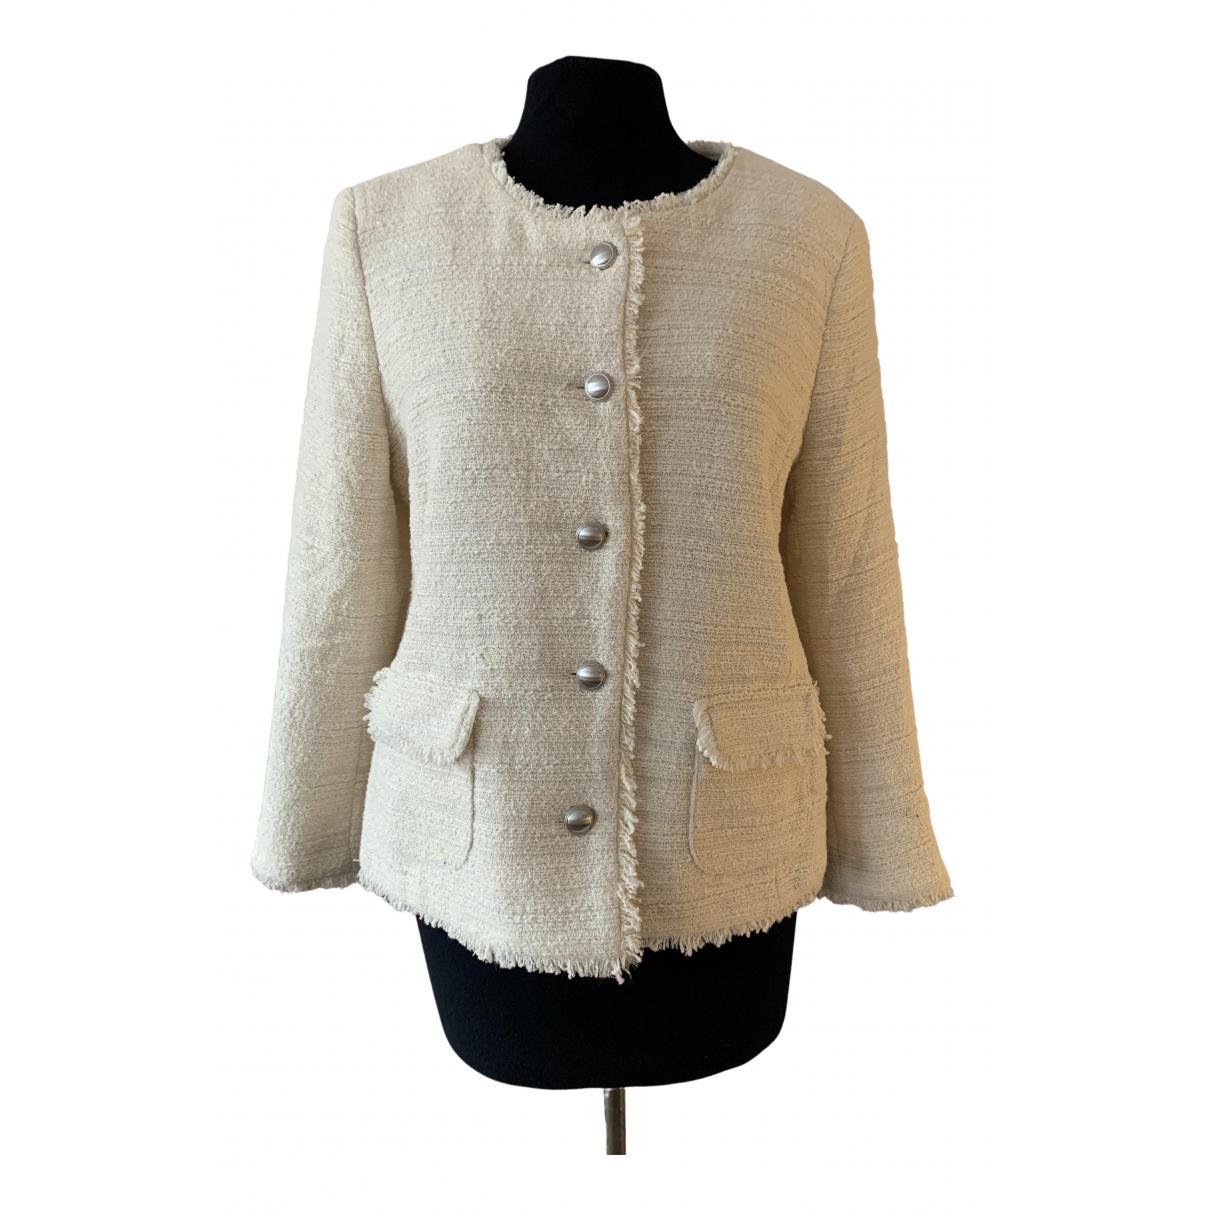 Gerard Darel \N Ecru jacket for Women 40 FR